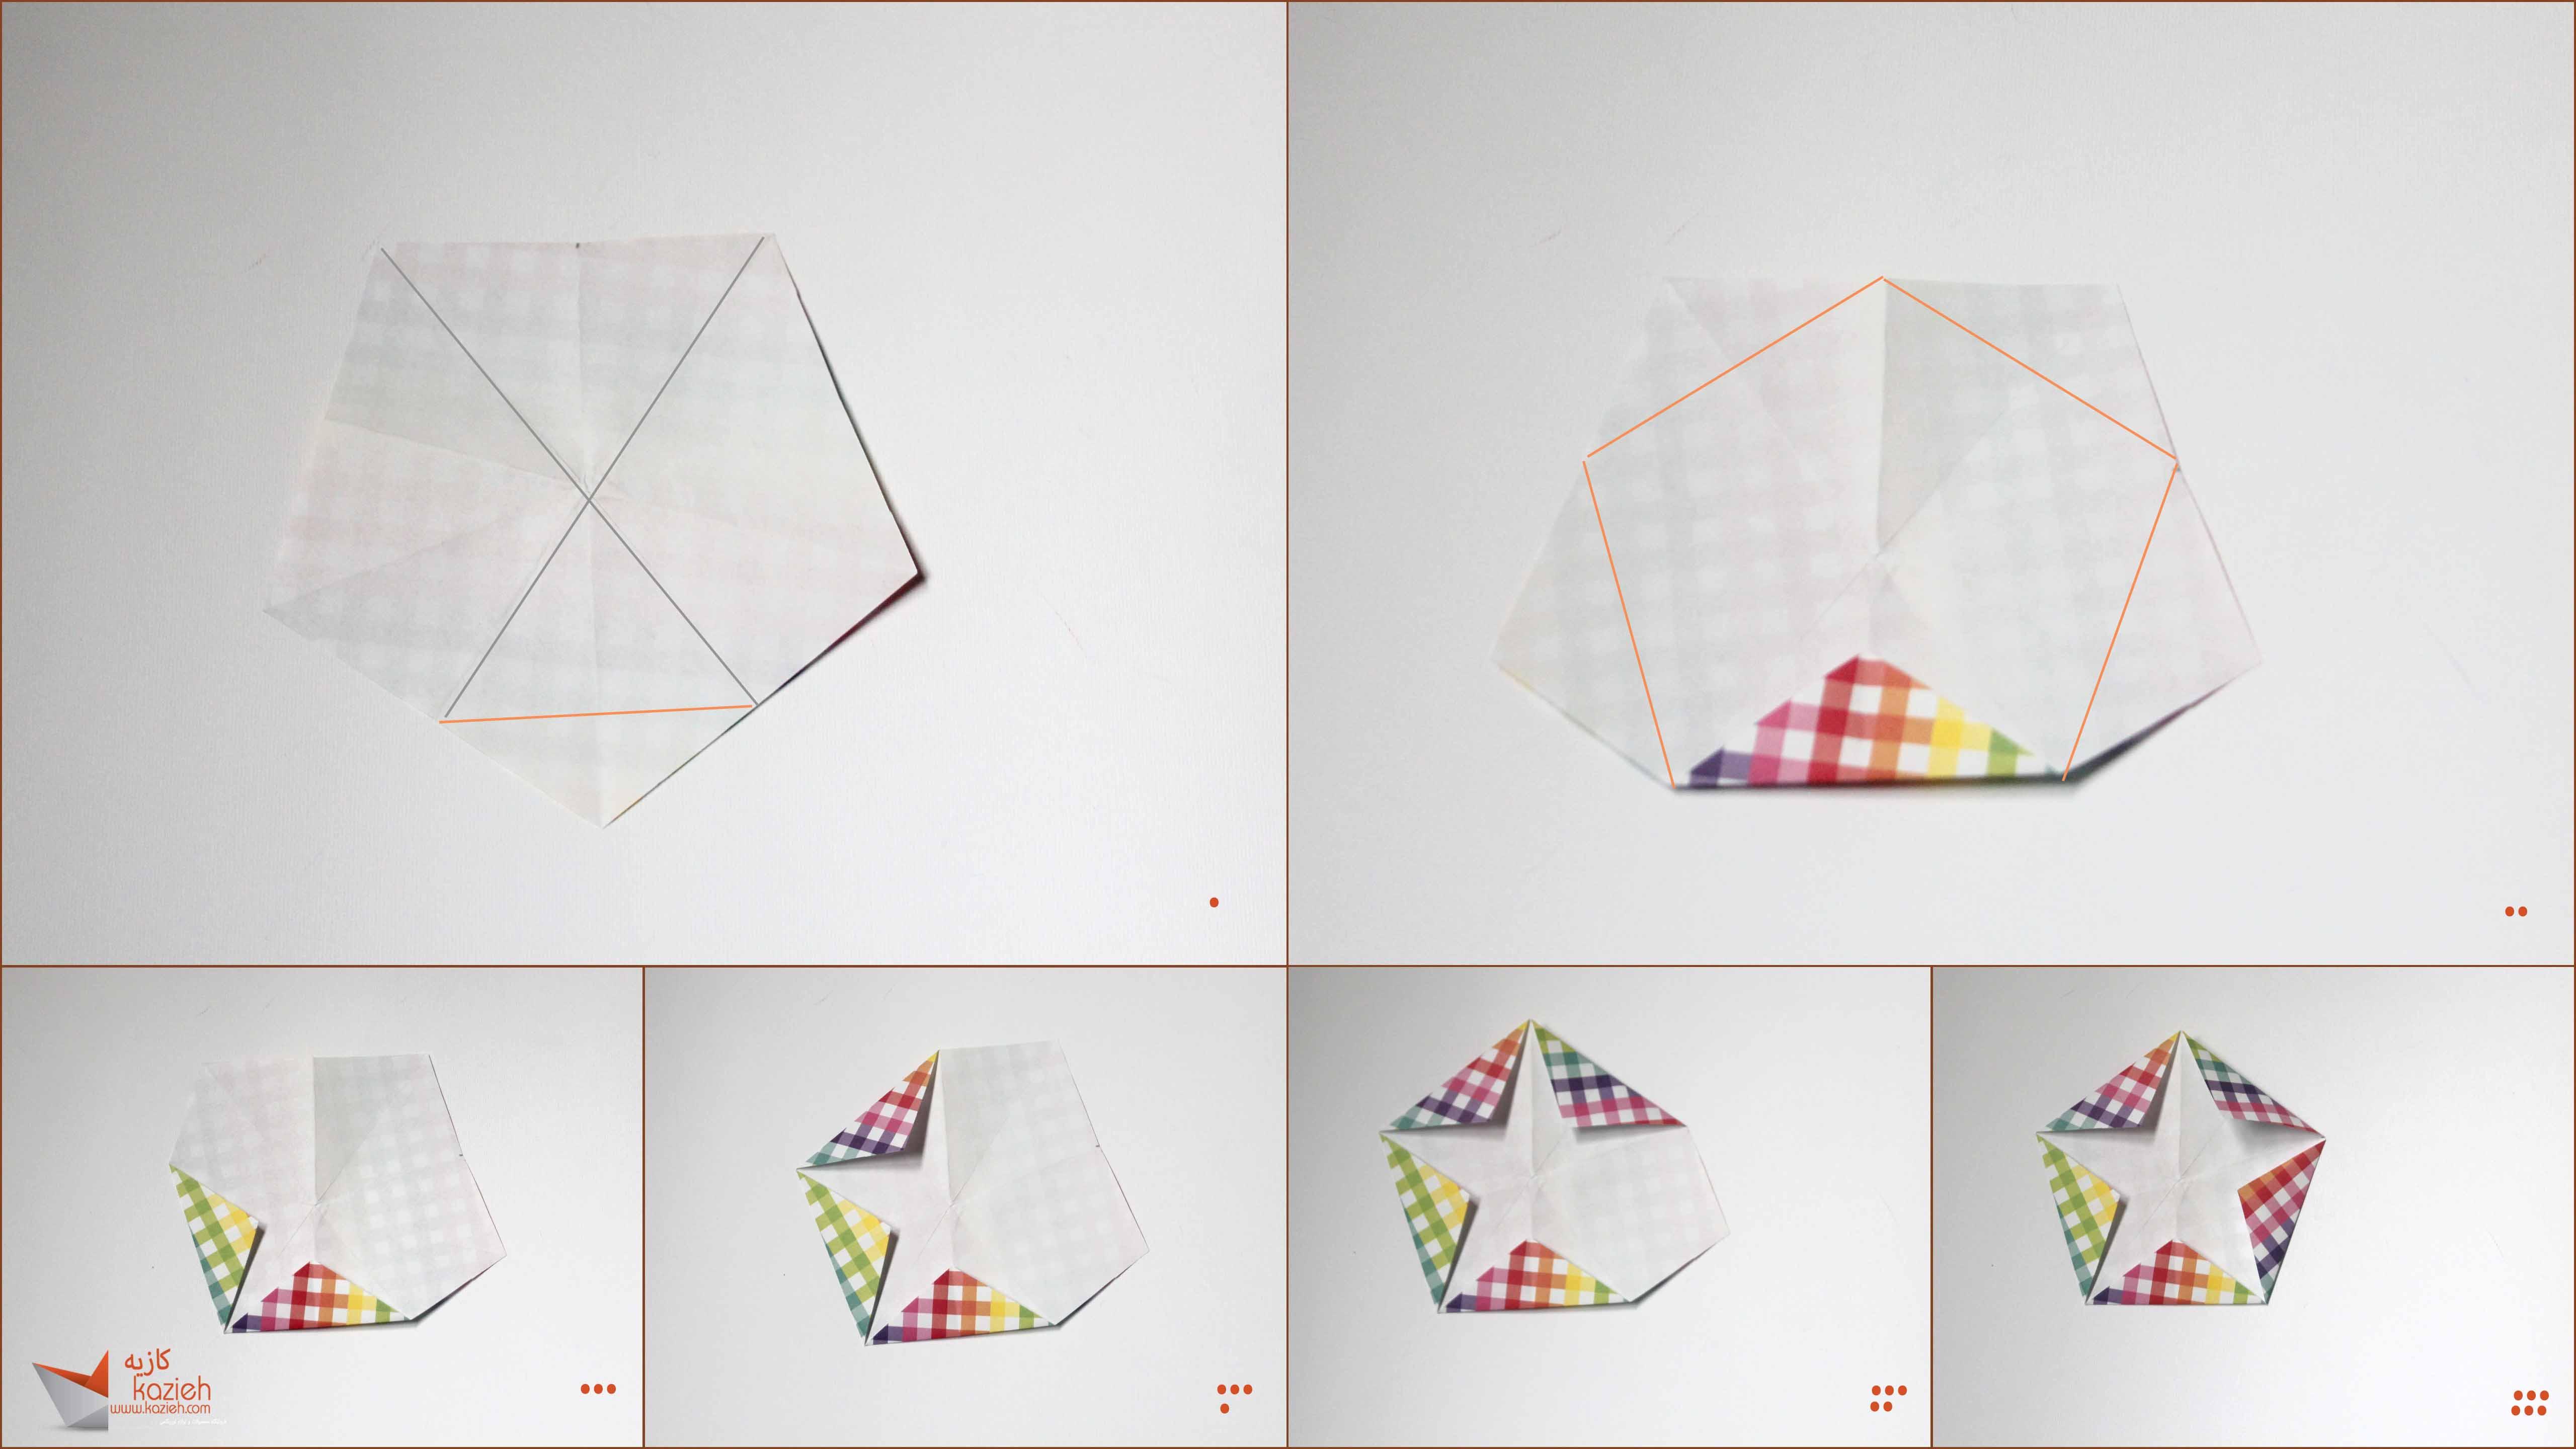 آموزش ظرف ستارهای اوریگامی- مرحله اول - کازیه